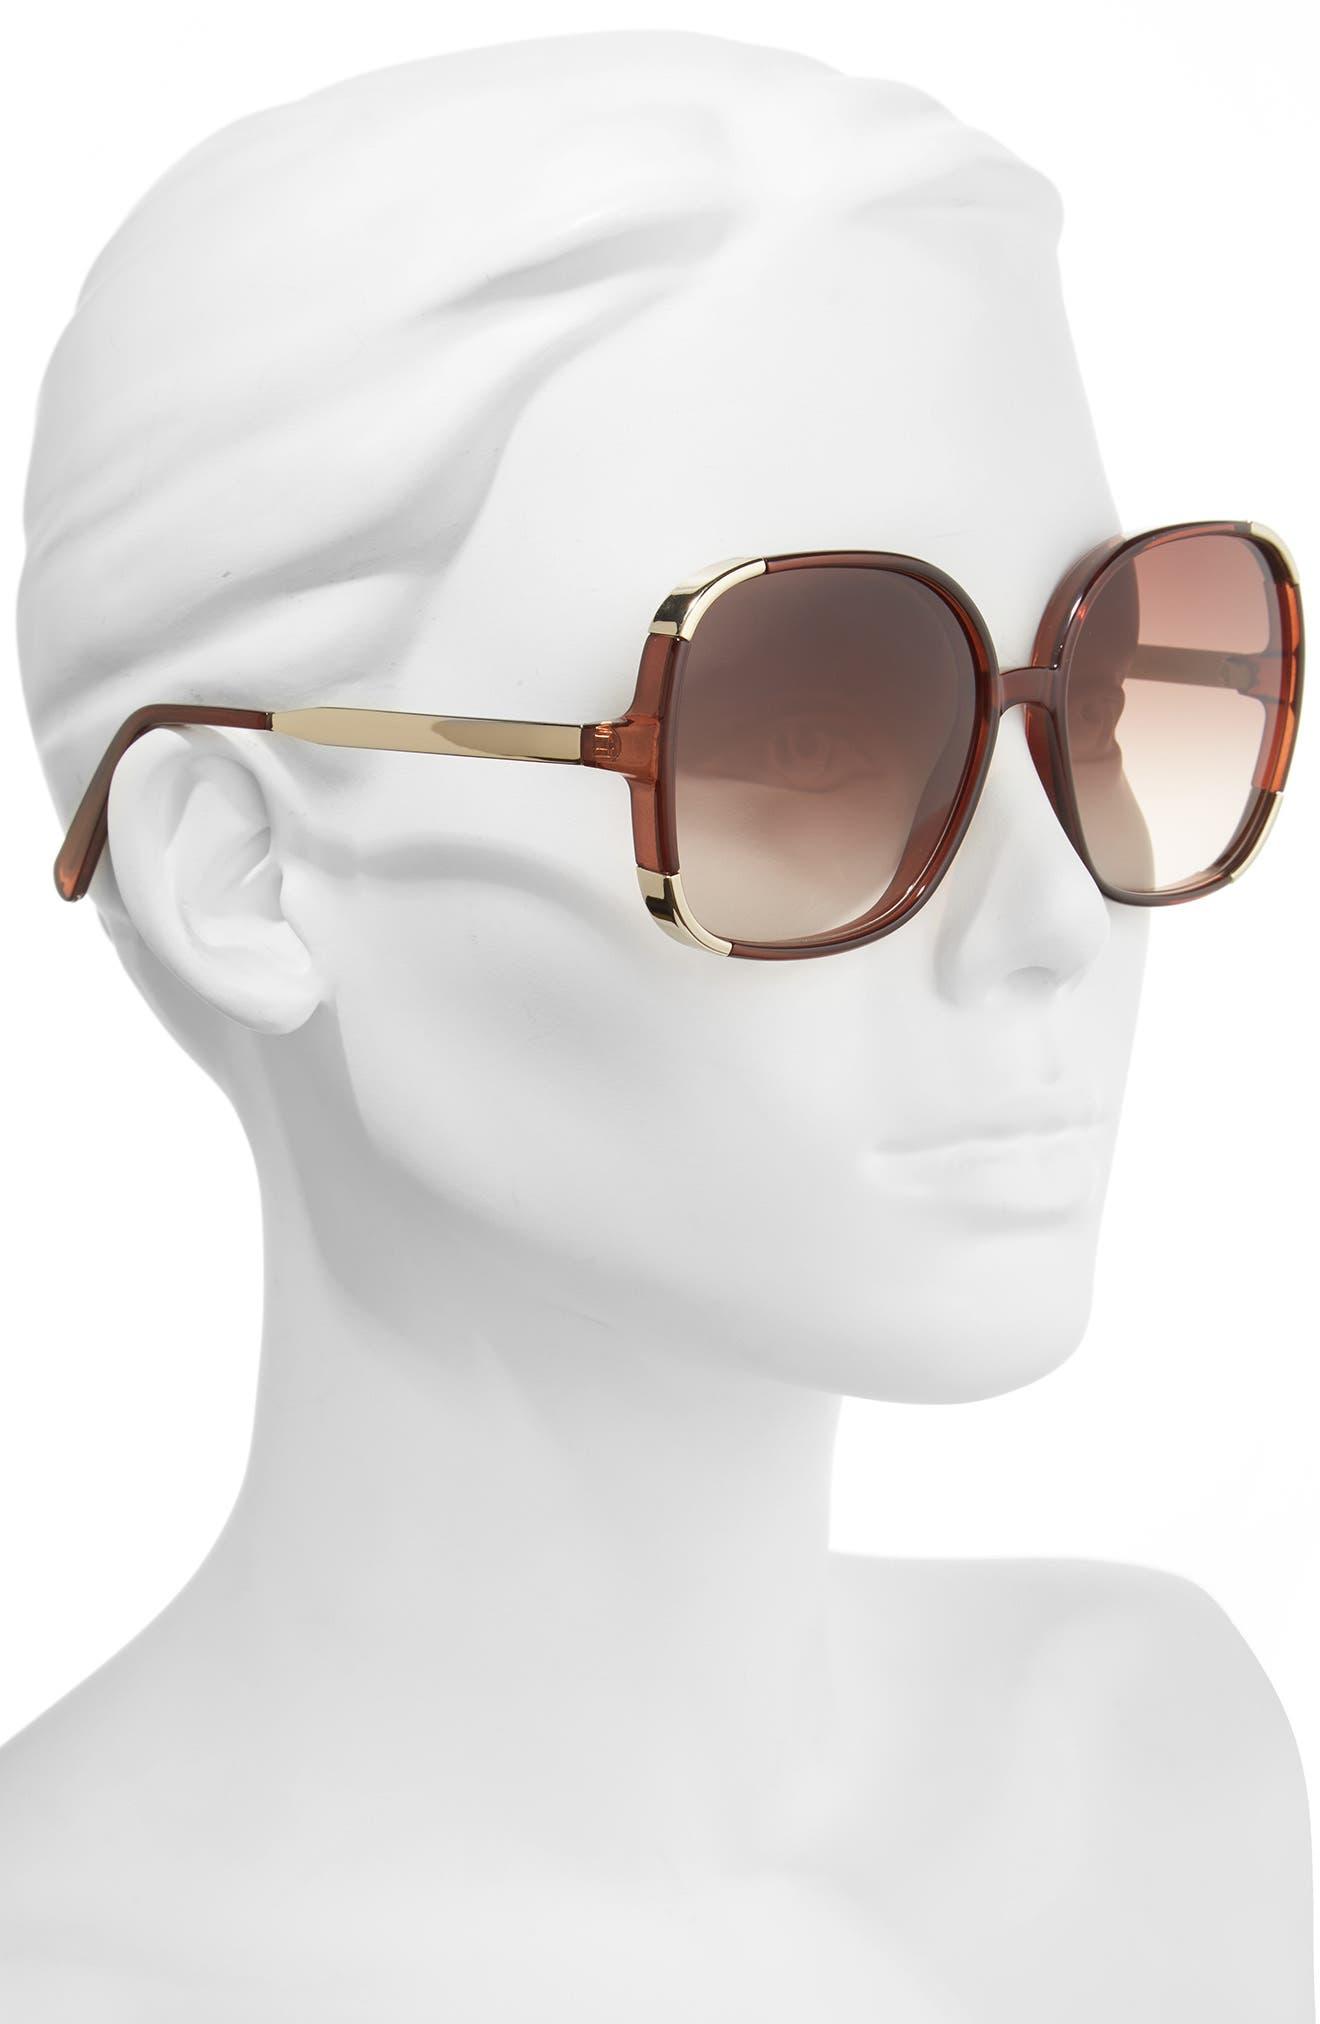 Myrte 61mm Gradient Lens Square Sunglasses,                             Alternate thumbnail 2, color,                             BROWN